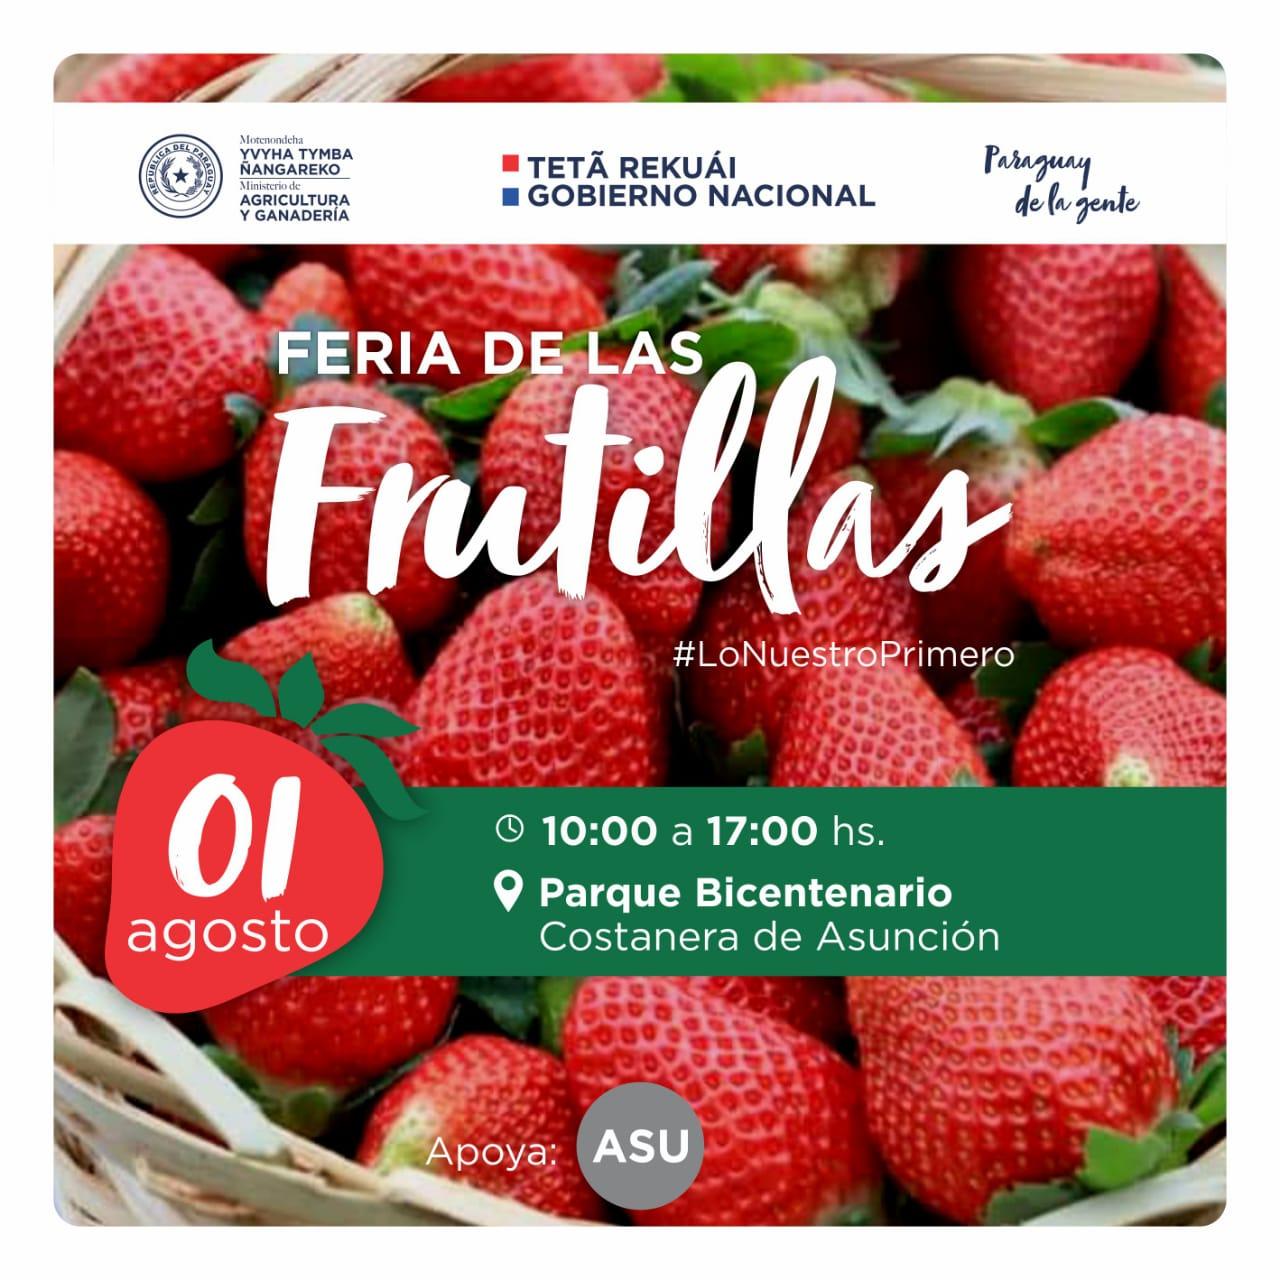 FeriaFrutilla-2021-08-01